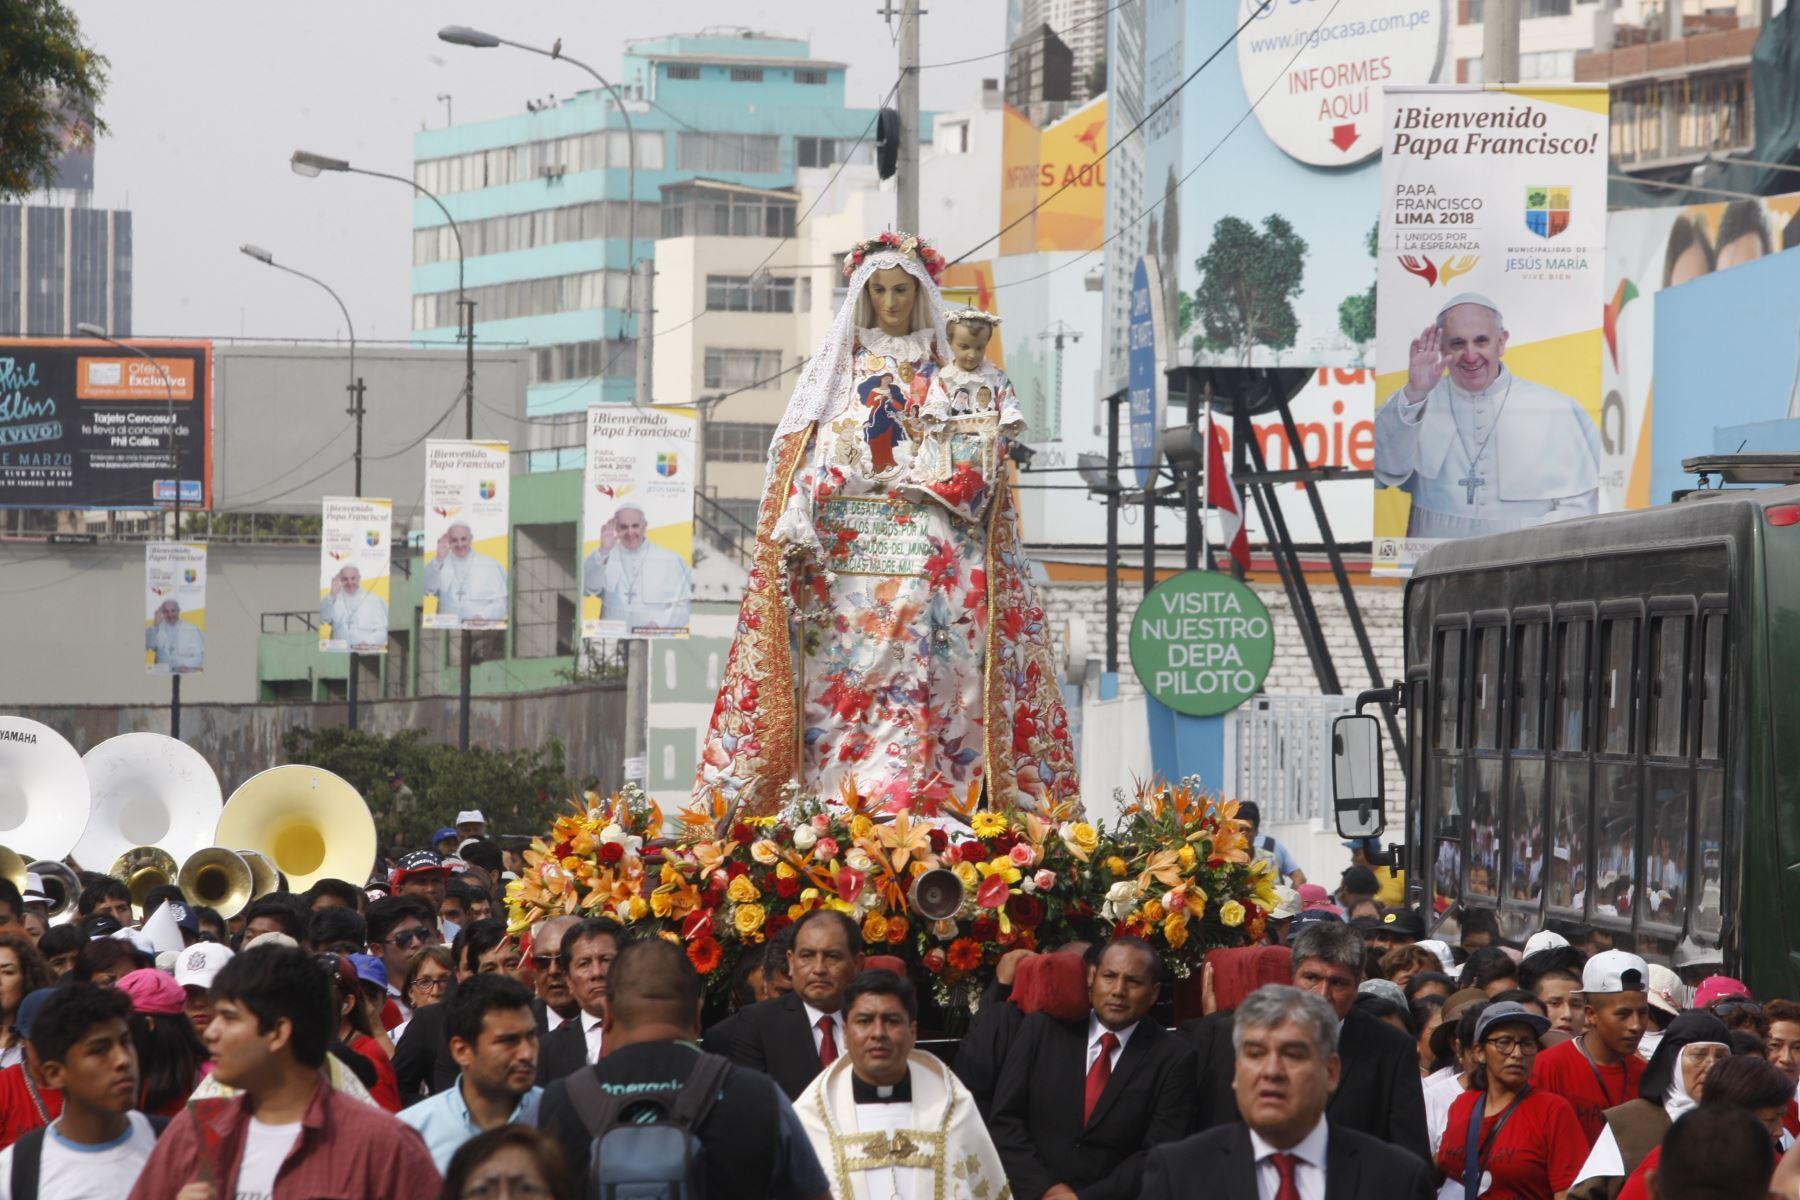 Galera fotogrfica agencia peruana de noticias andina andina 5 de 6 altavistaventures Choice Image